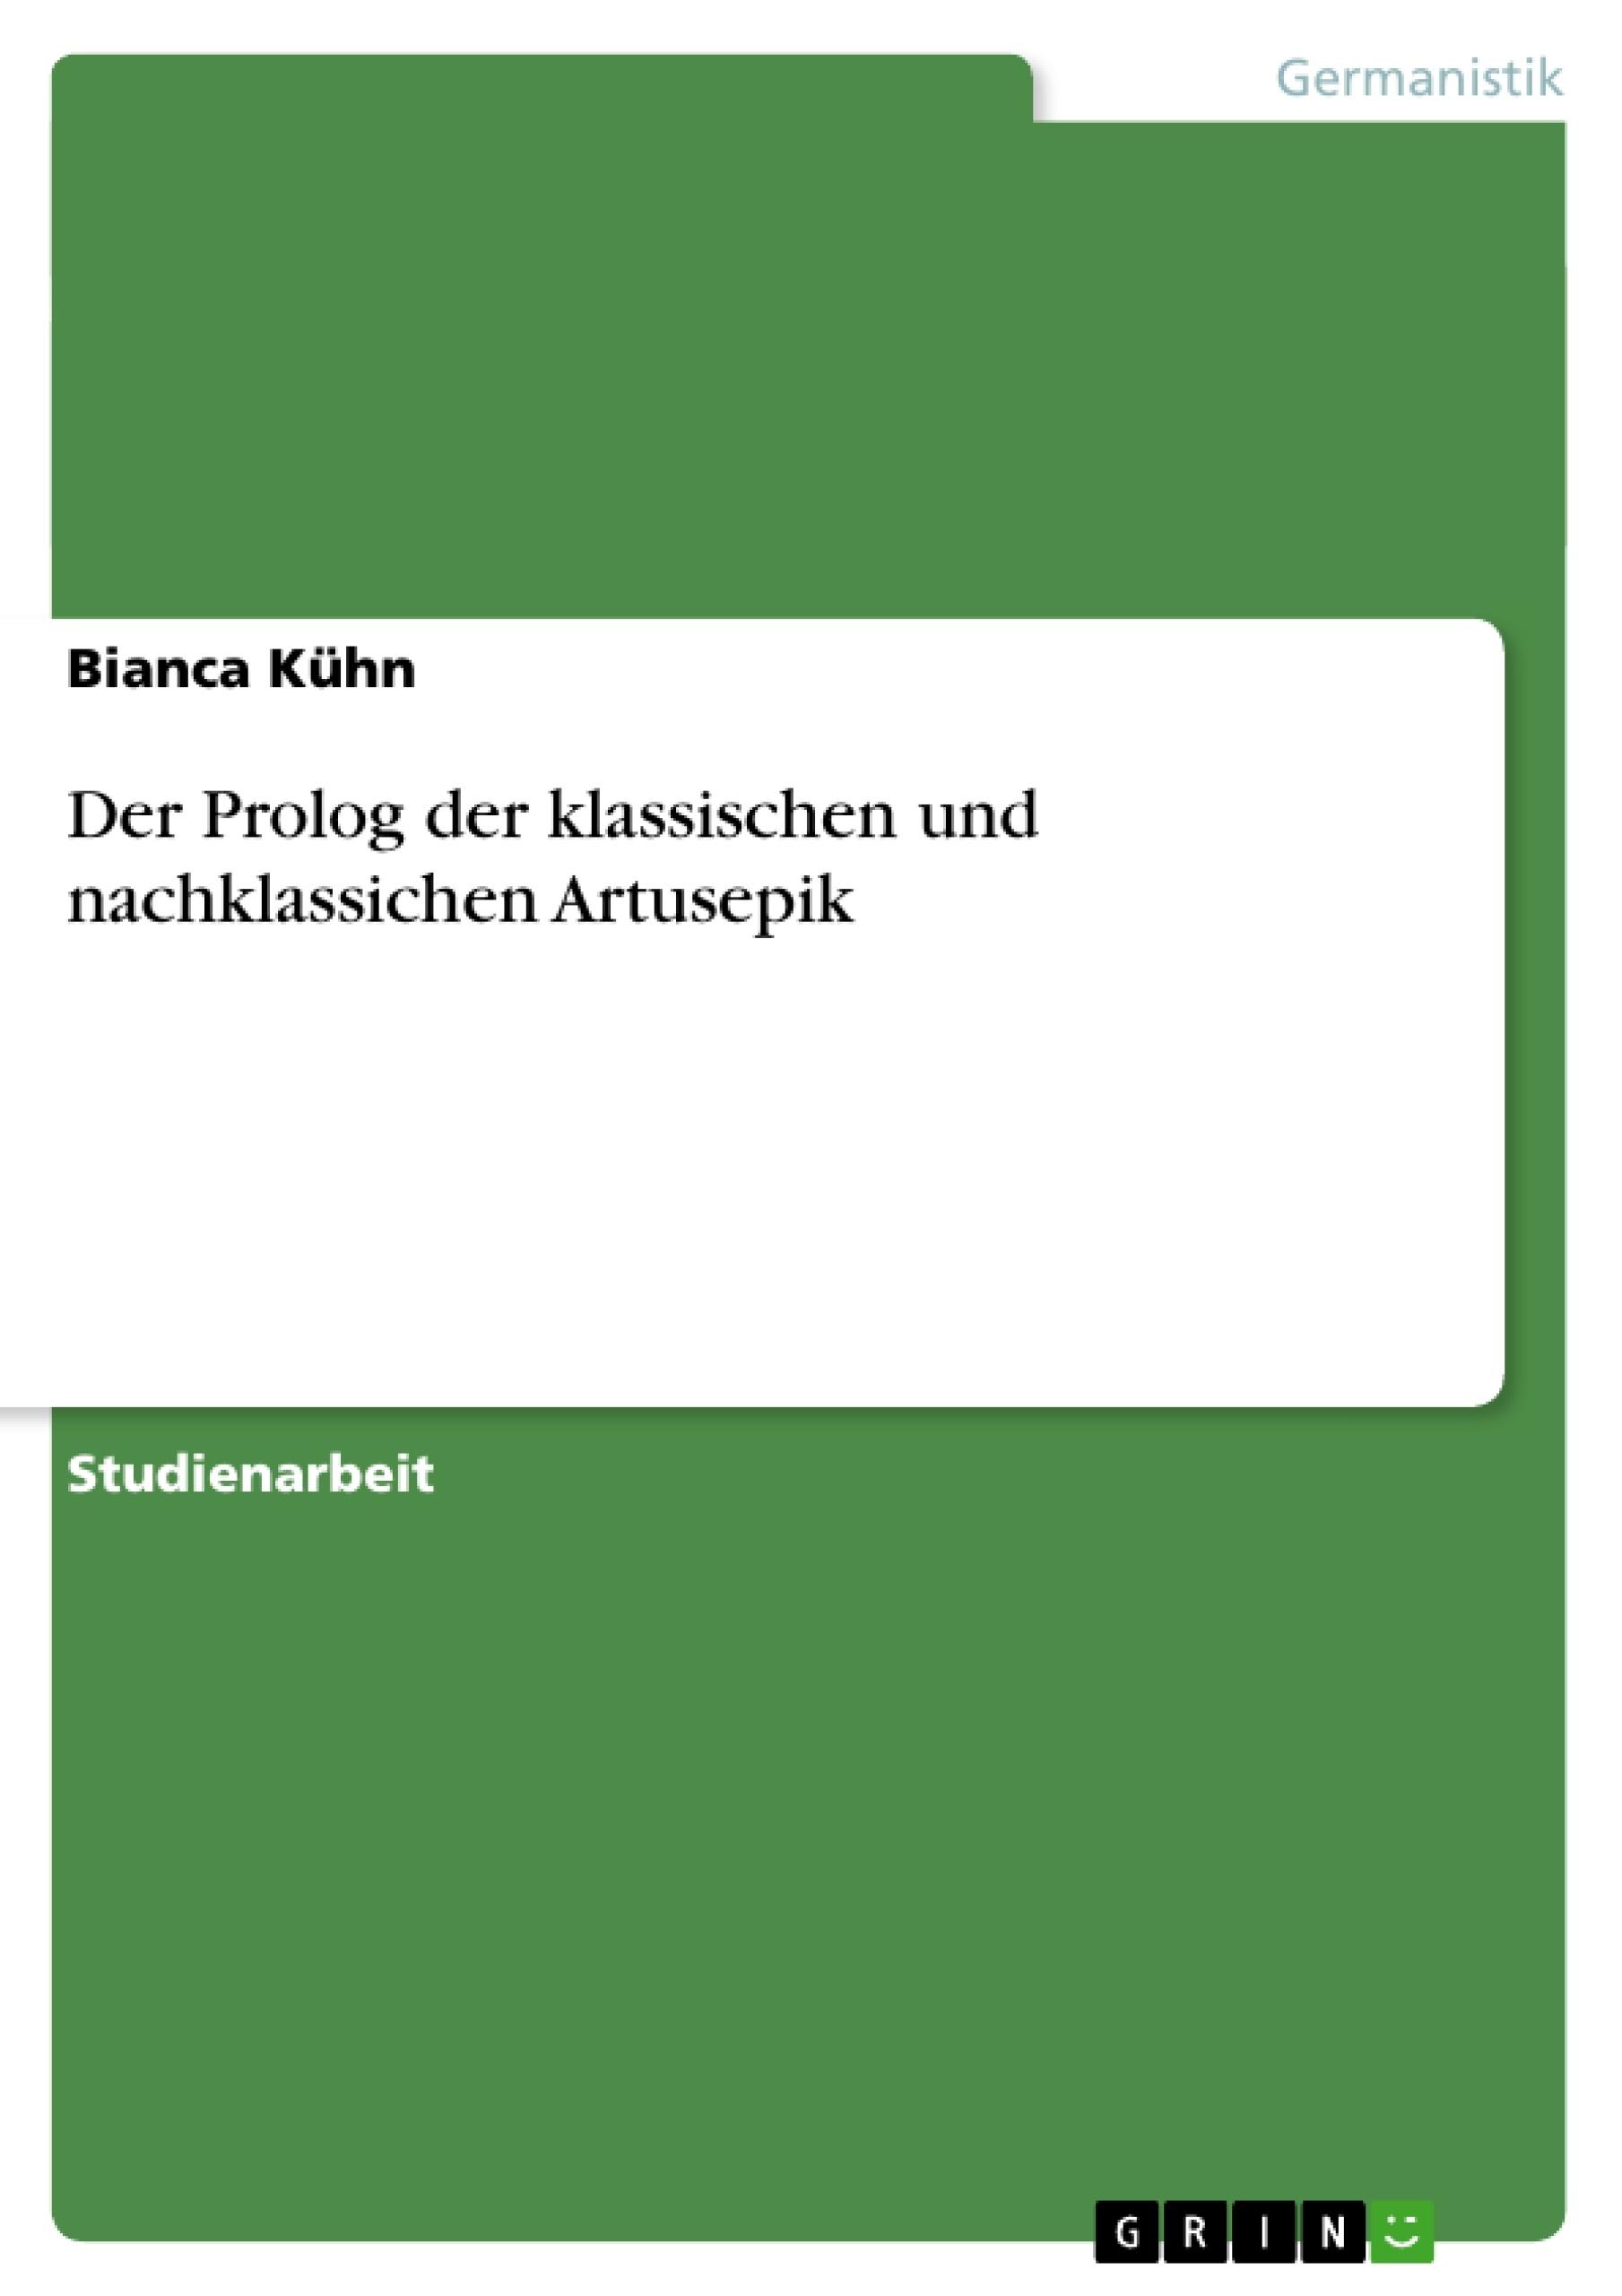 Titel: Der Prolog der klassischen und nachklassichen Artusepik